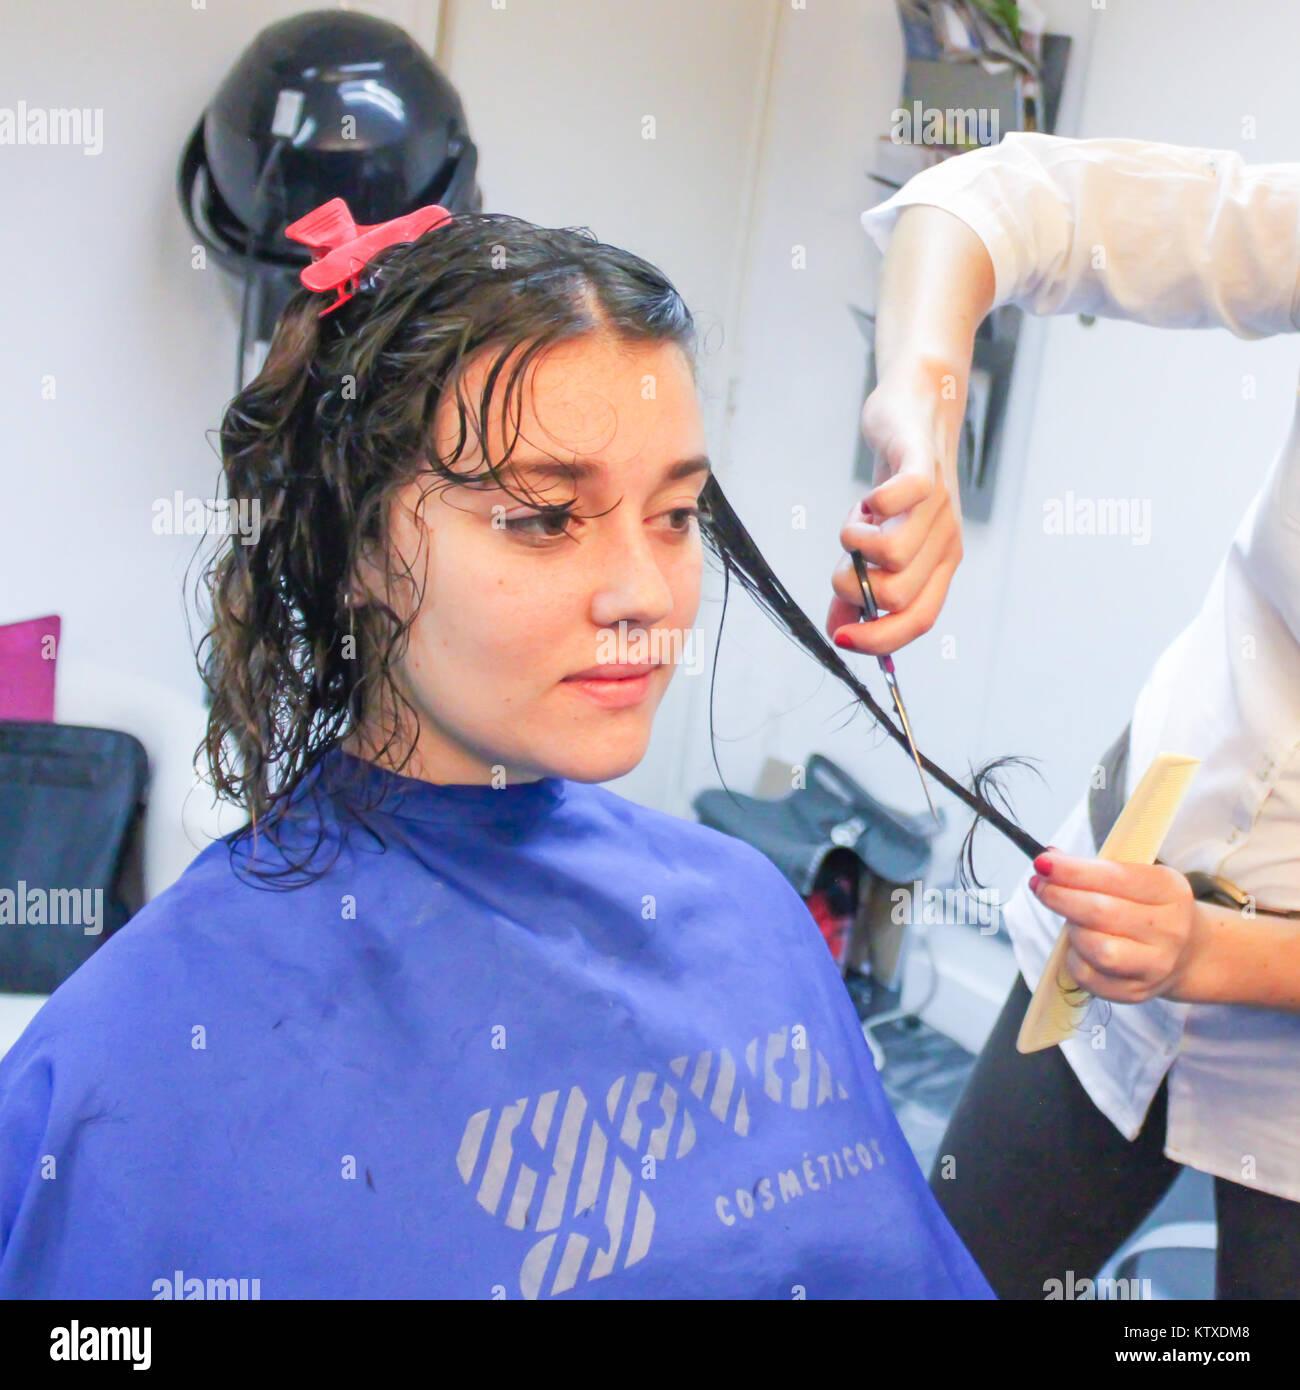 Junge Frau Mit Einem Haarschnitt Im Friseursalon Sitzen Sie Hat